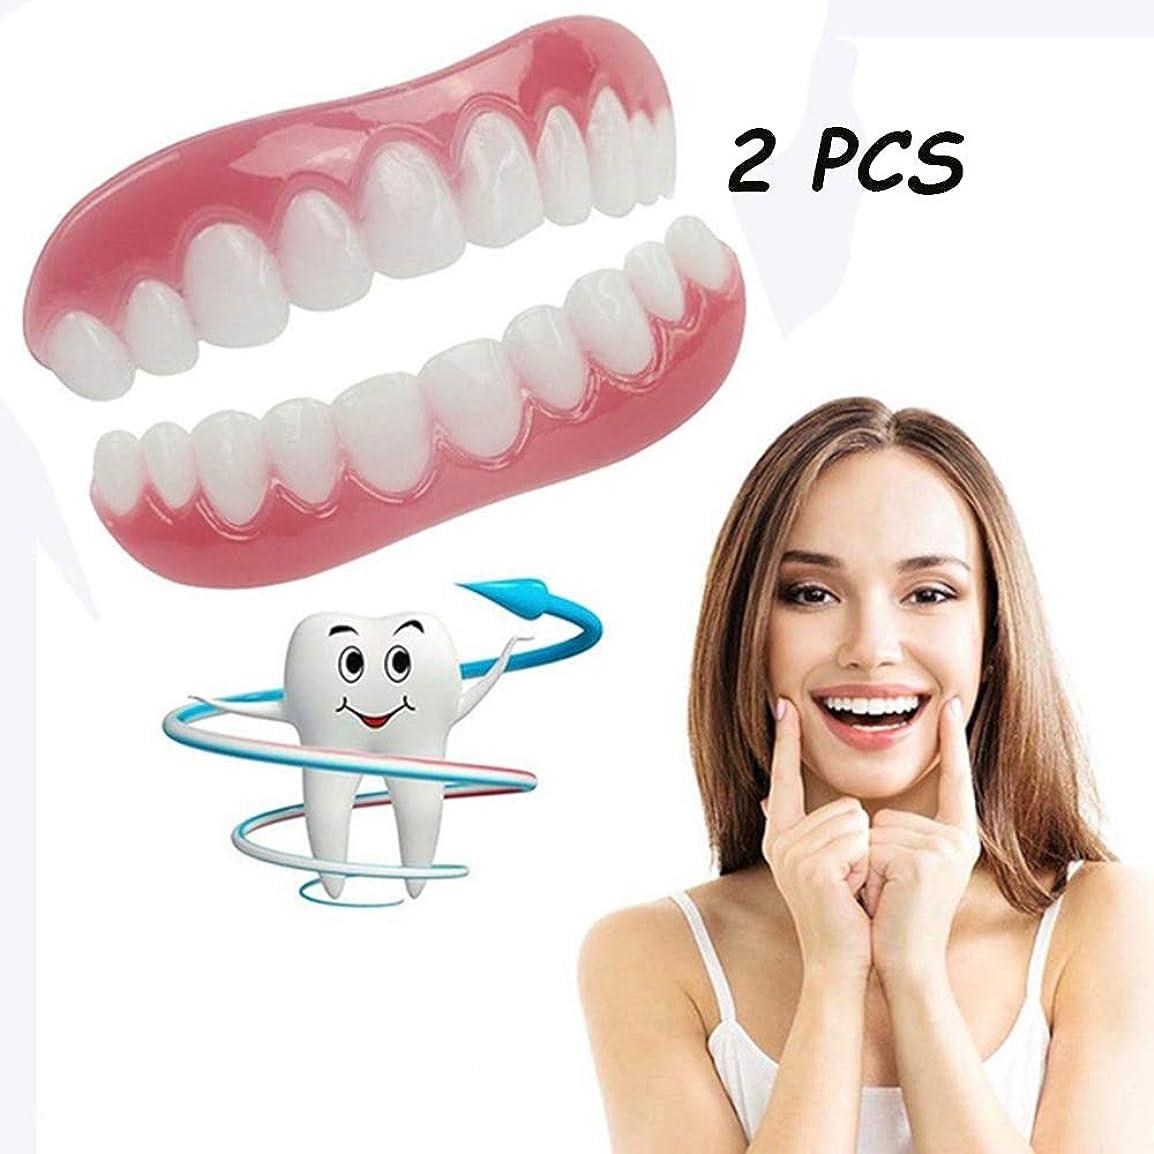 稚魚データベースミル2ピースホワイトニング歯上下のバヨネットフレックス化粧品化粧品歯一時的な笑顔ベニヤ歯科健康オーラルケア